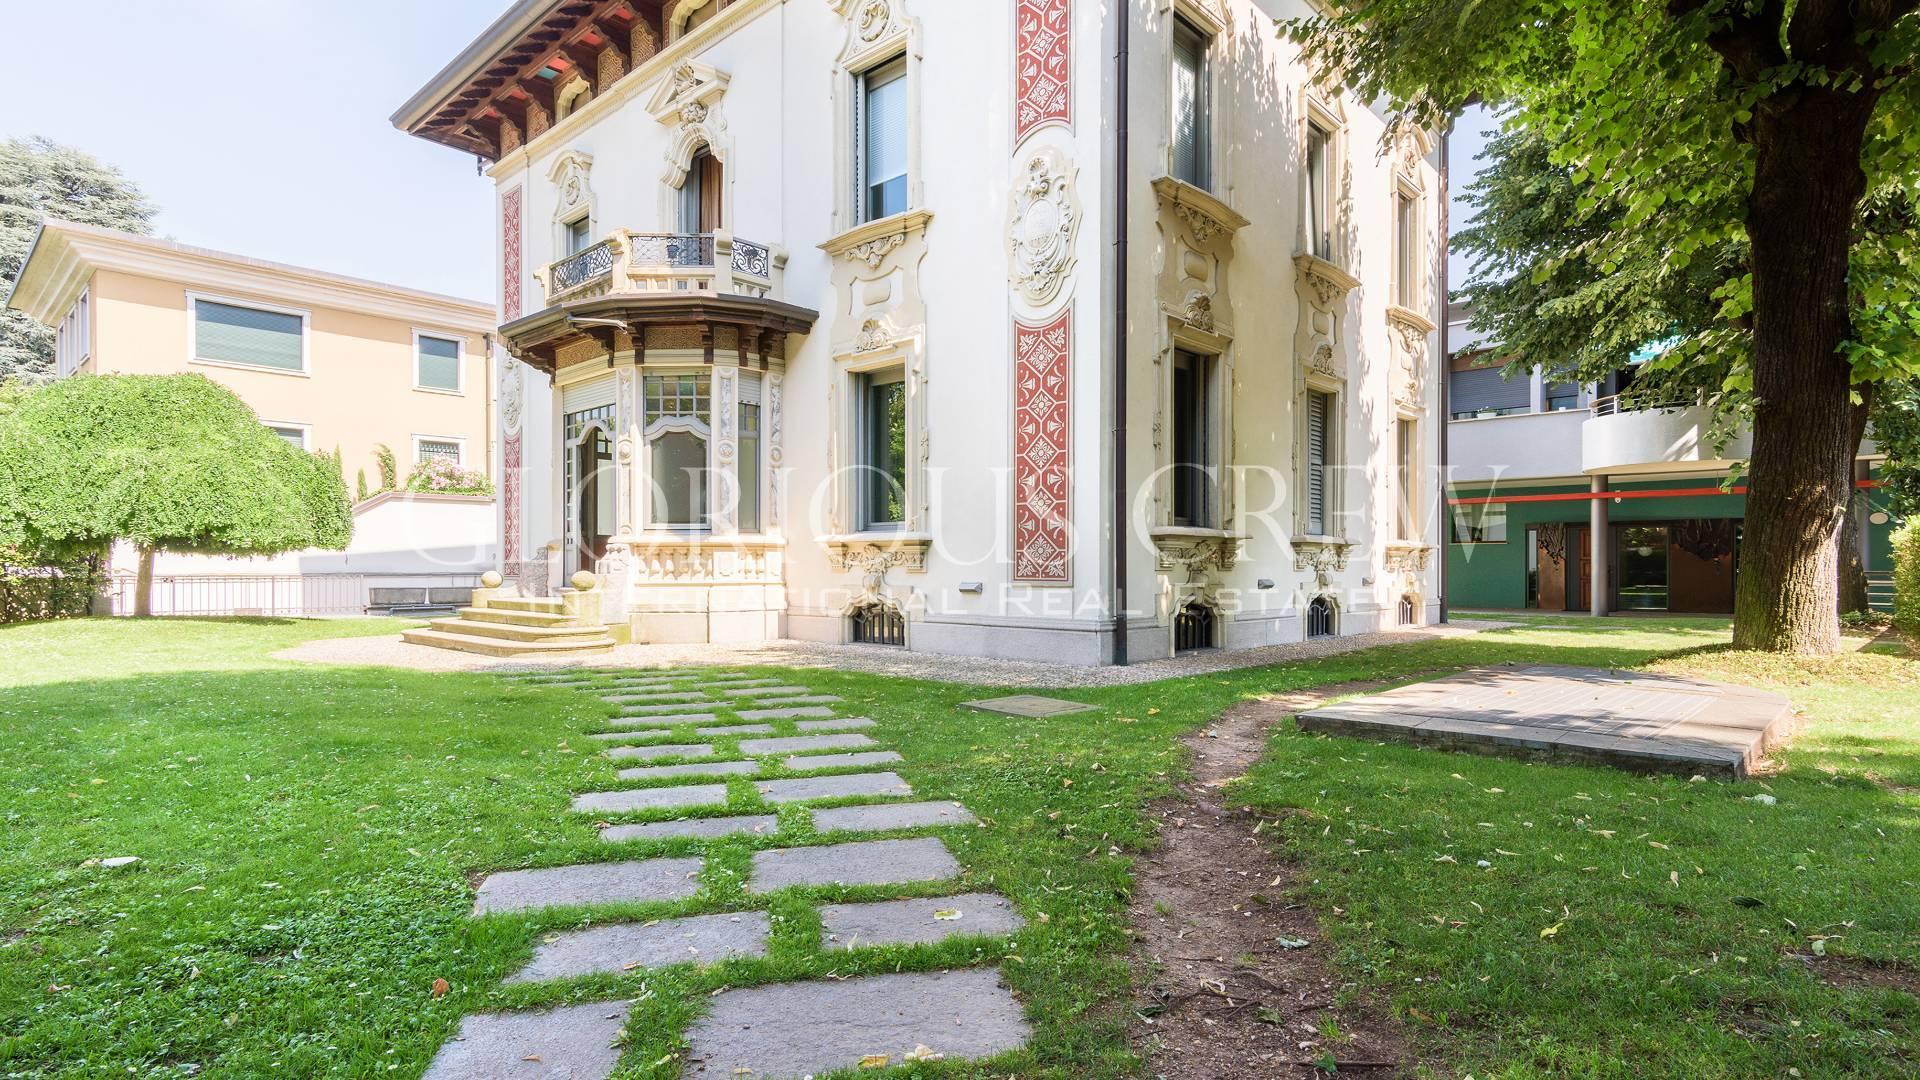 Villa in Vendita a Monza: 5 locali, 1300 mq - Foto 3